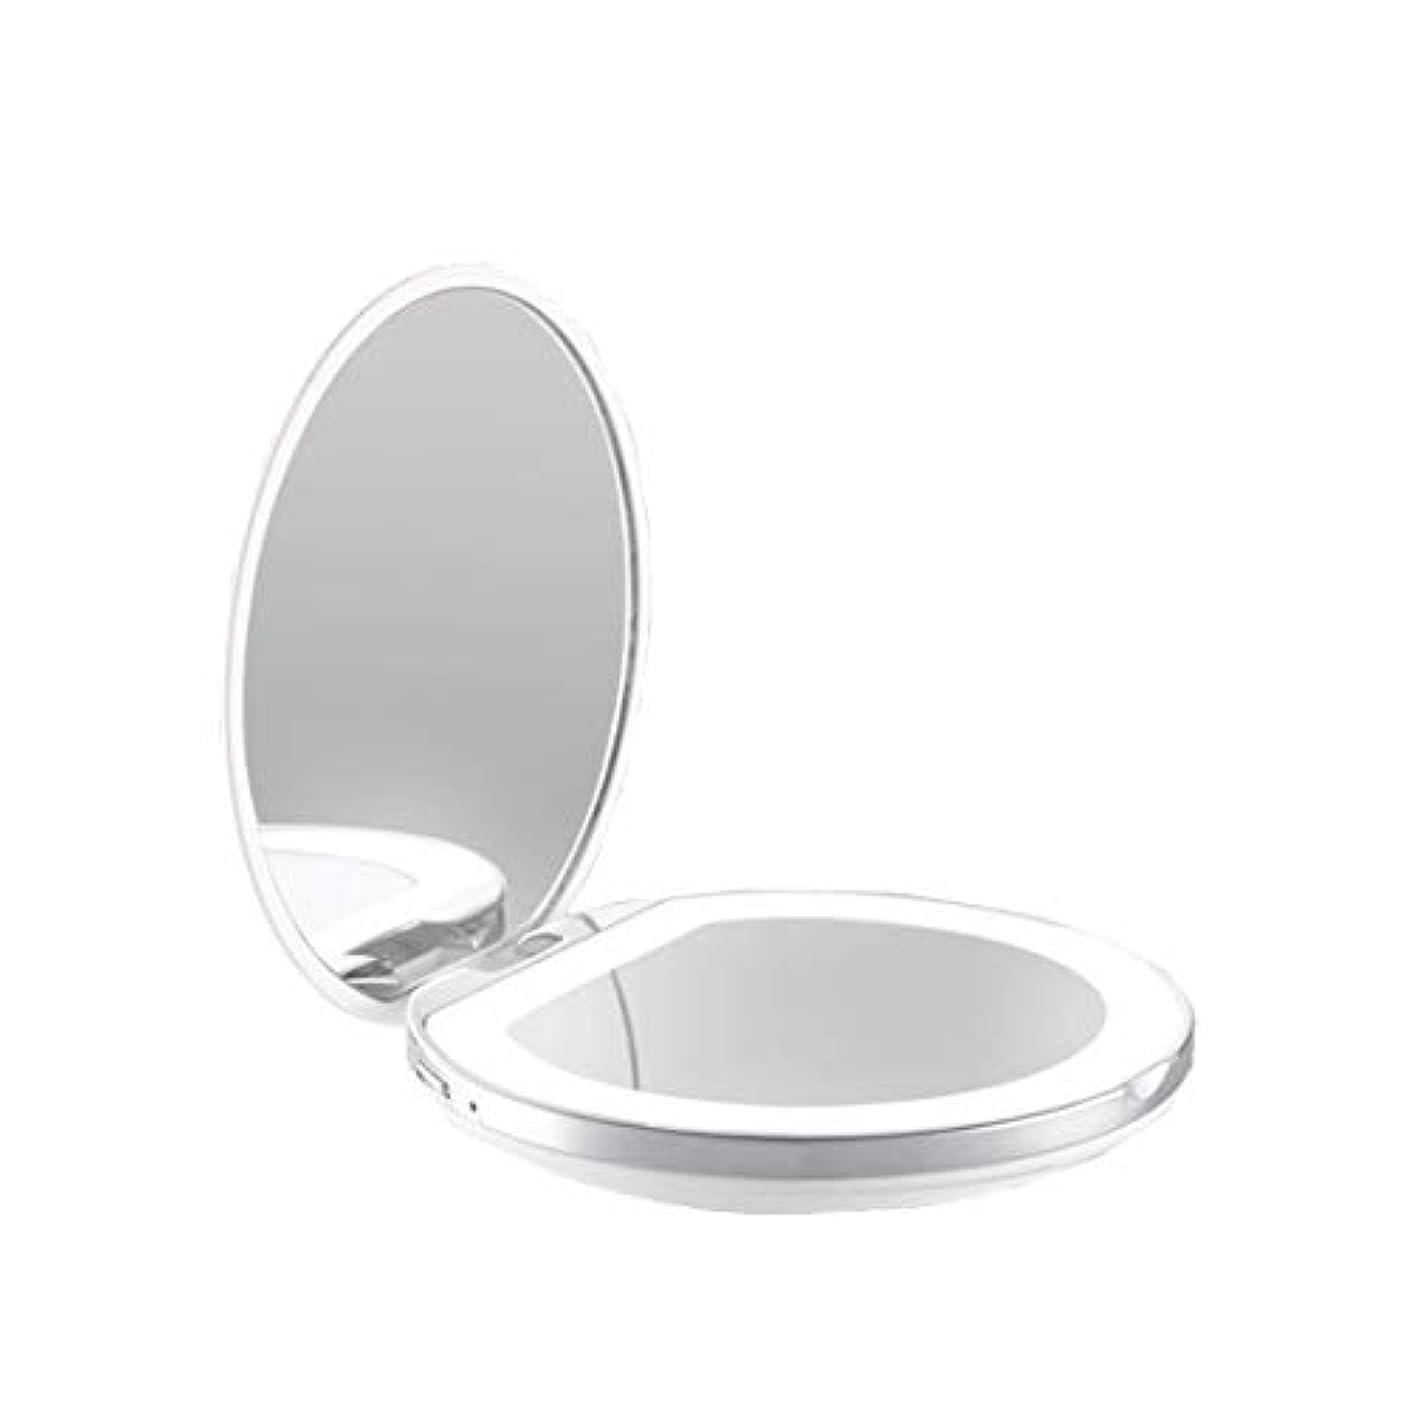 擁する効率的にコイン手鏡 両面鏡 ライト付きミラー 女優ミラー 3倍拡大鏡付き お姫様 ミラー おしゃれ 卓上 LEDライト 化粧鏡 コンパクト 折り畳み式 スタンドミラー 角度調整